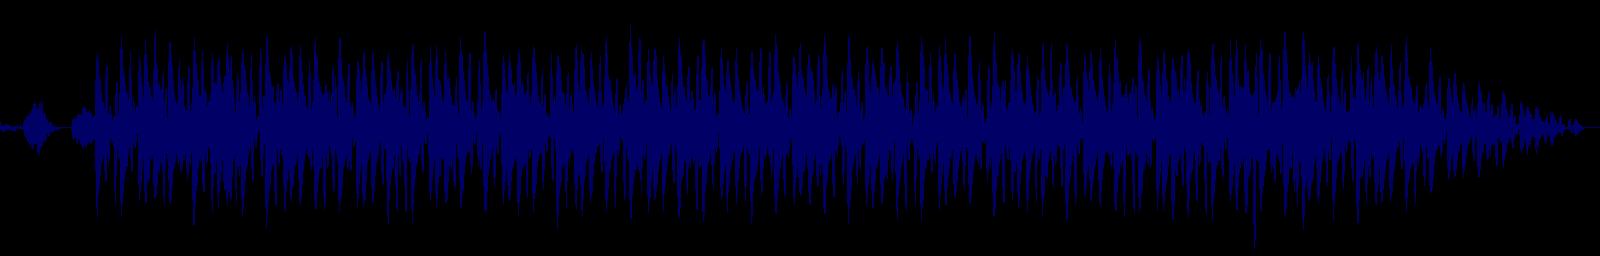 waveform of track #143423